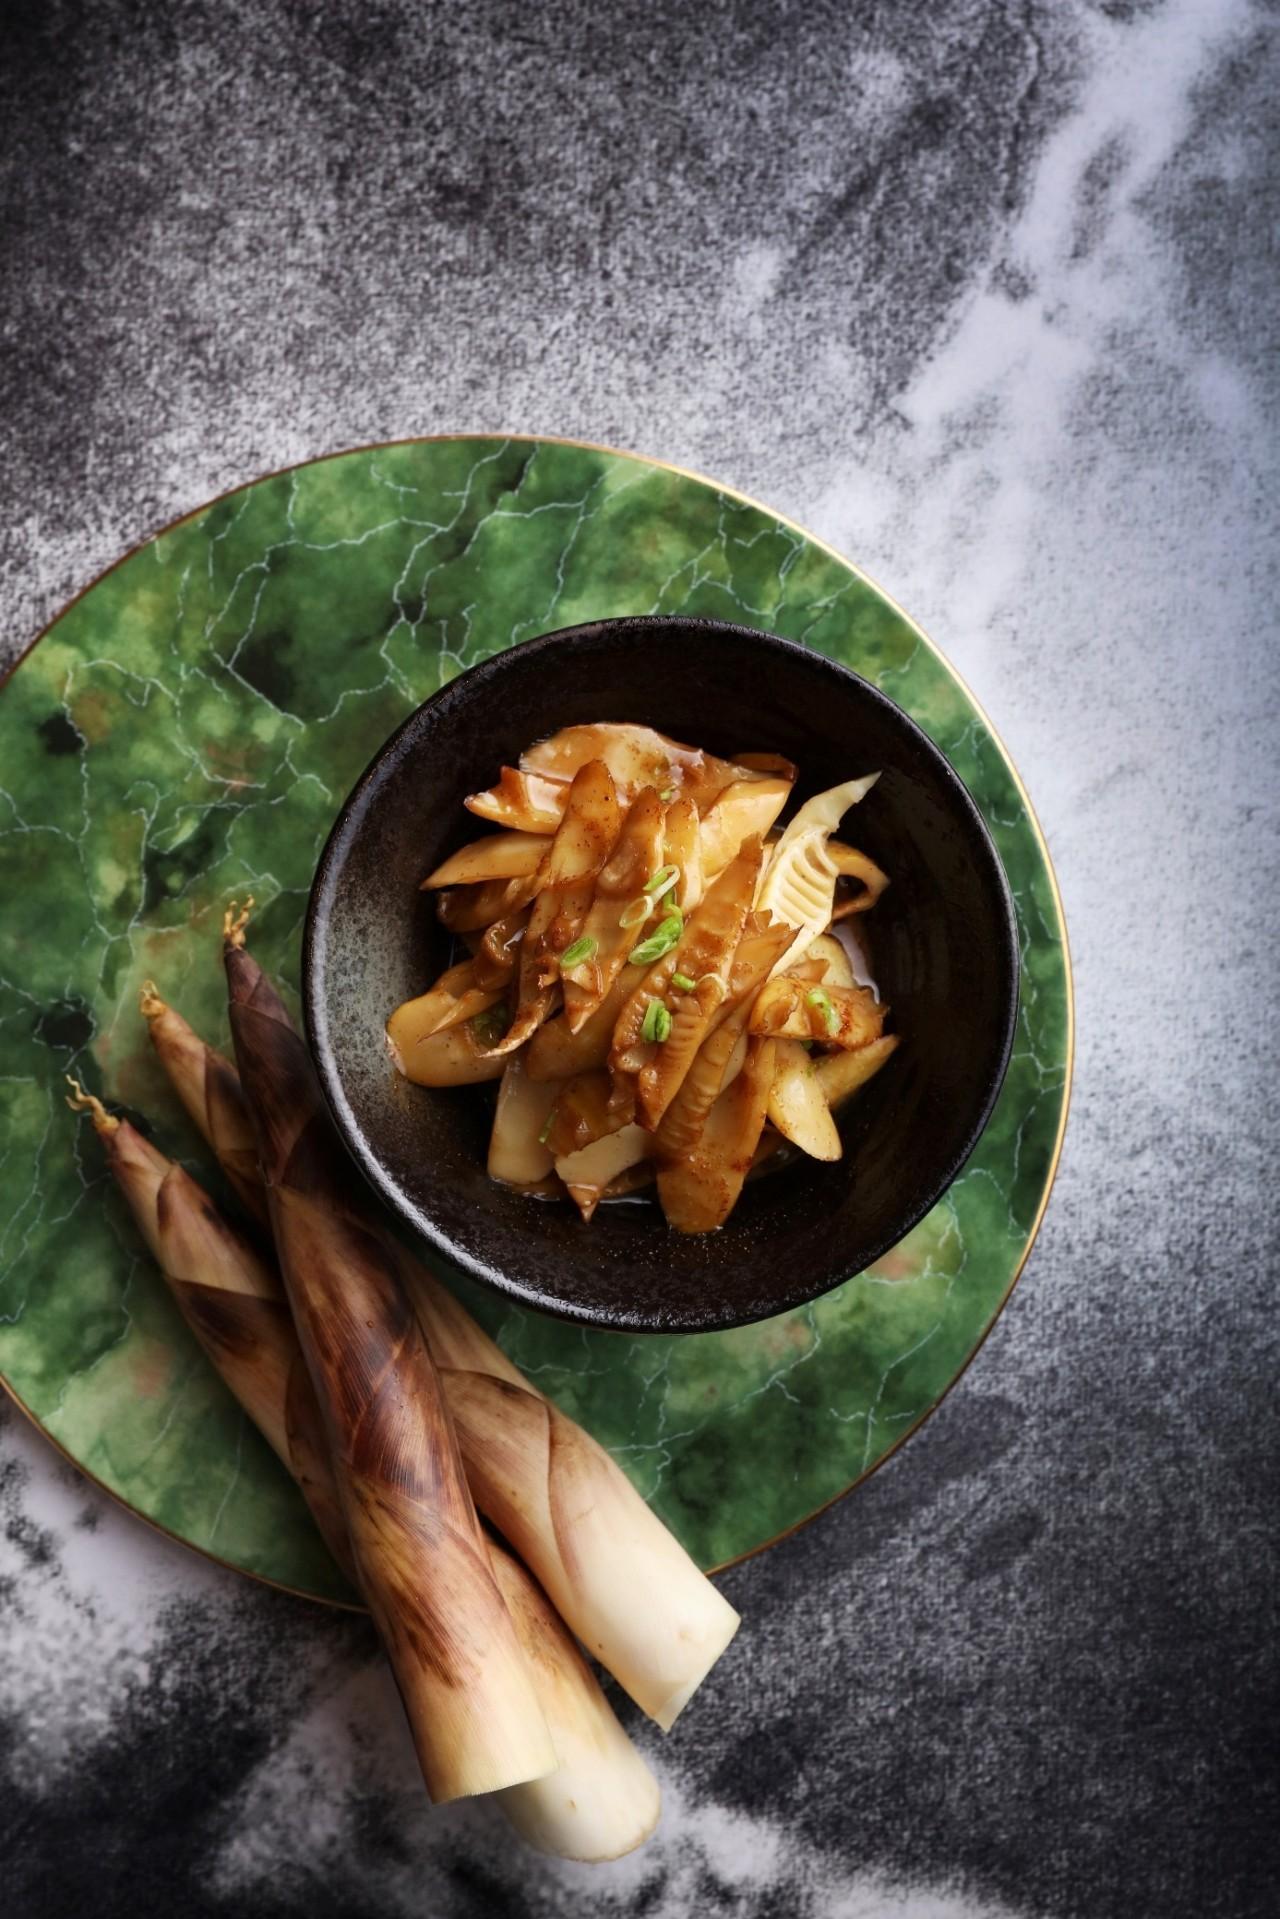 特色与新年的双重a特色,统统都不吃喝-搜狐放过美食美食东北图片图片